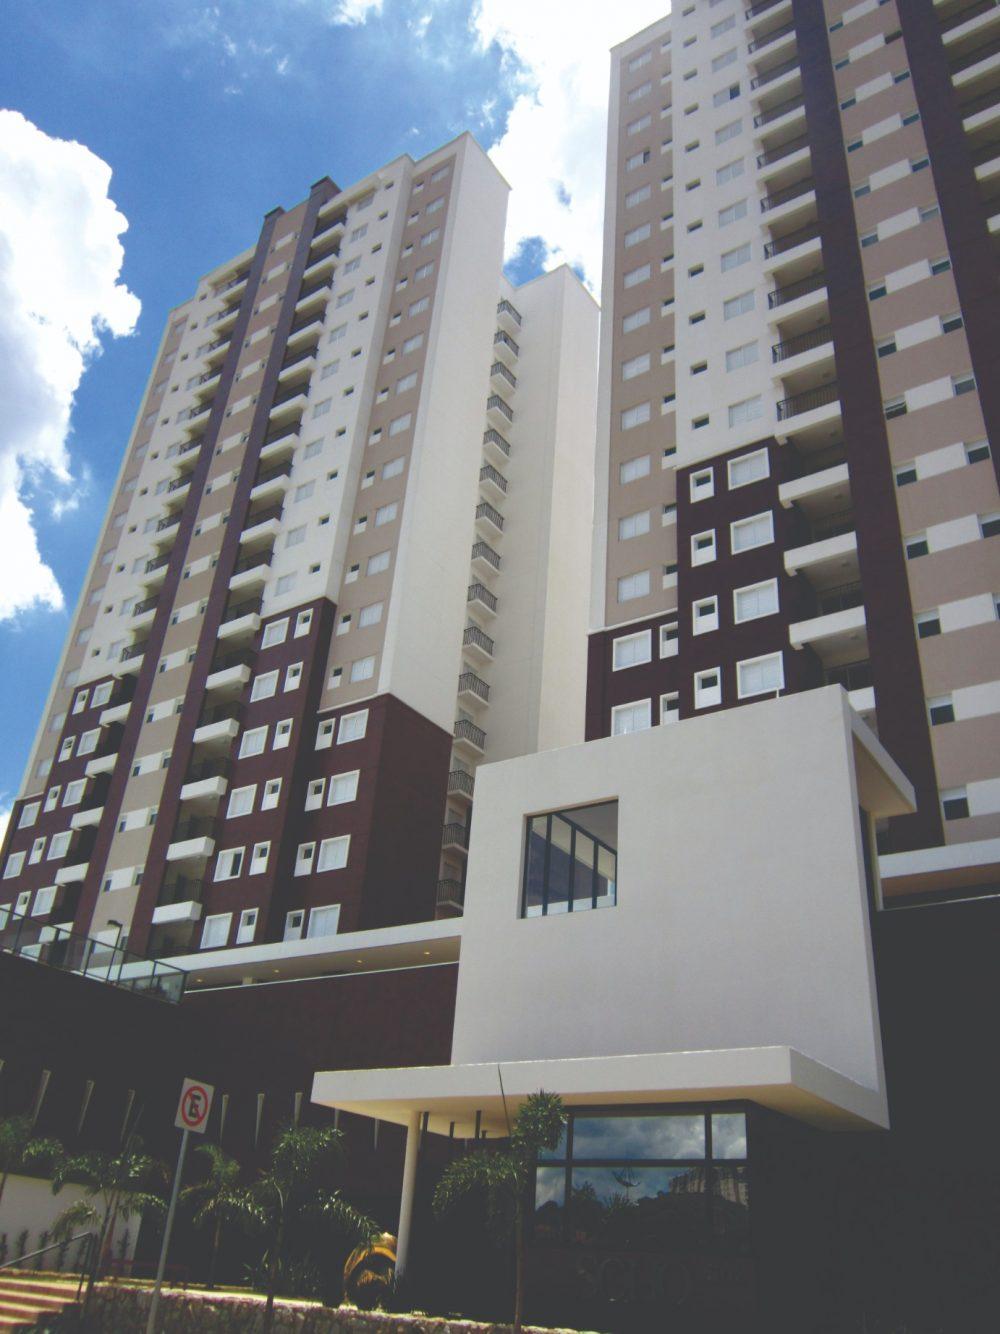 Soho - Congesa